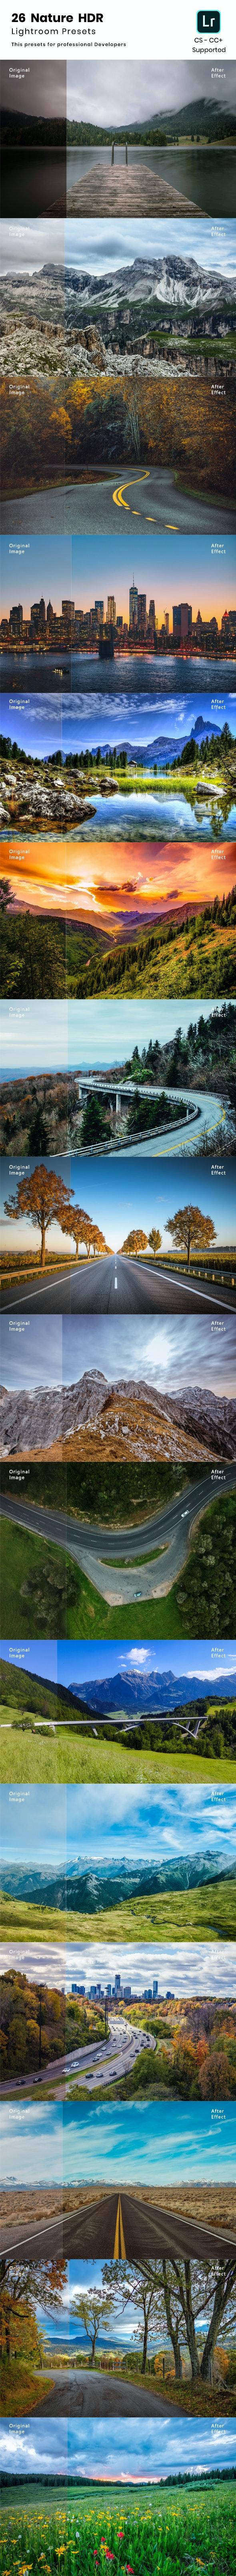 26 Nature HDR Lightroom Preset - HDR Lightroom Presets